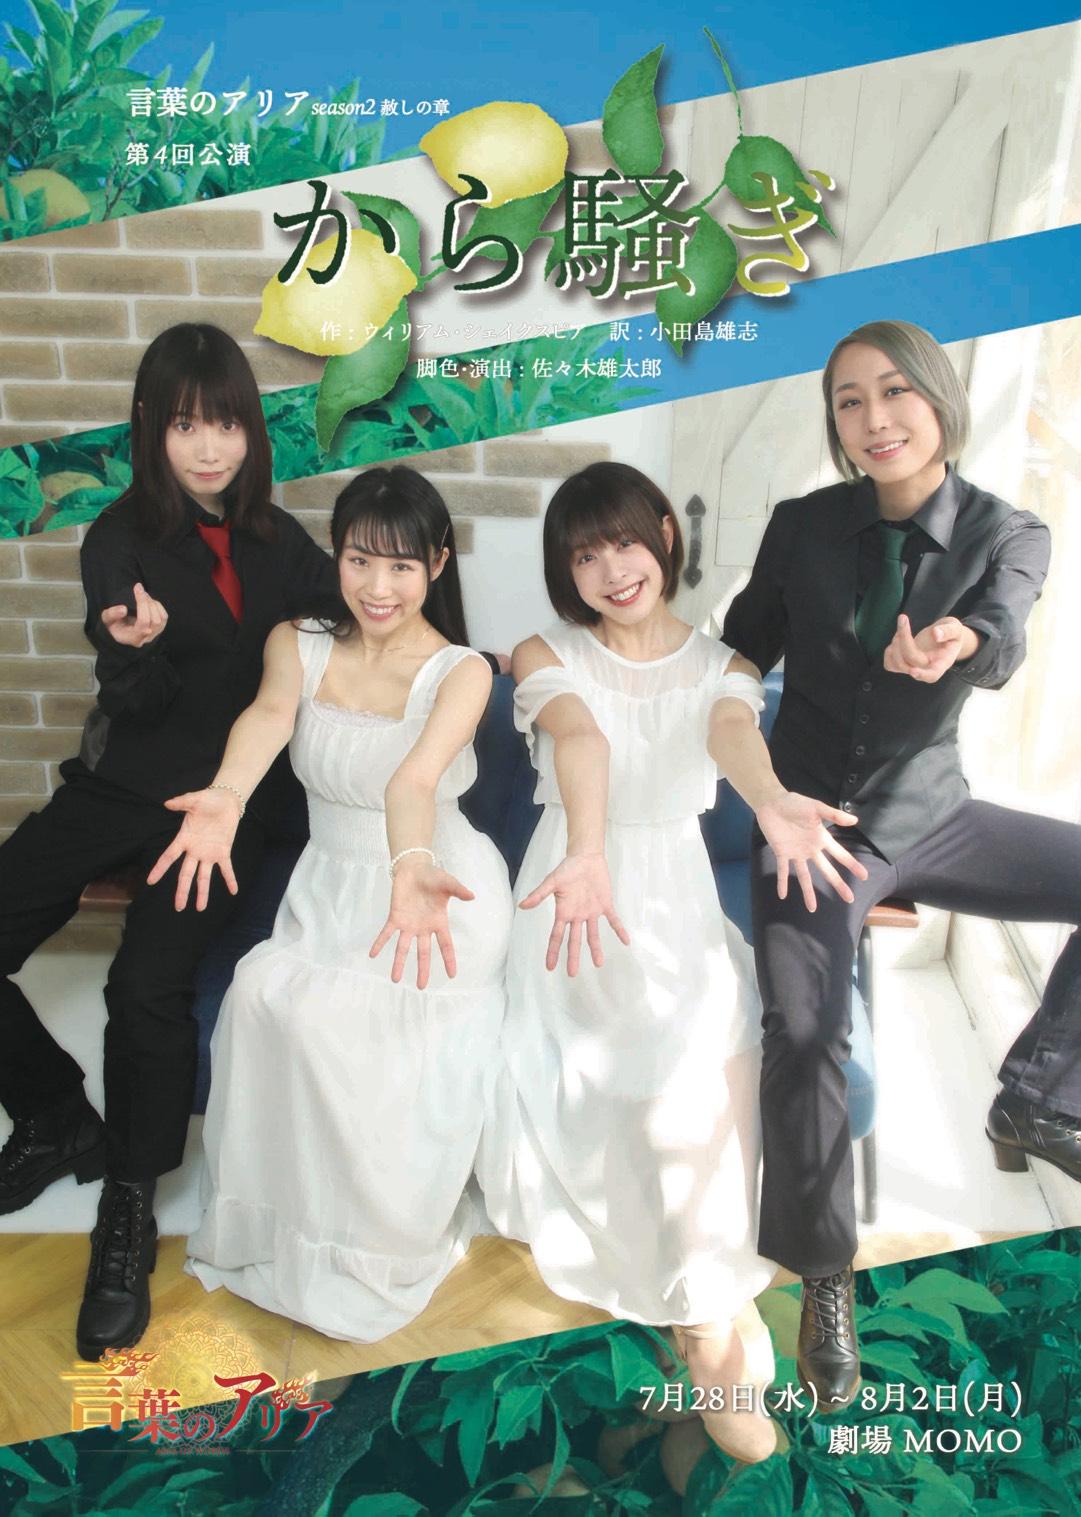 言葉のアリア Season2 赦しの章 第4回公演 『から騒ぎ』【劇場用】